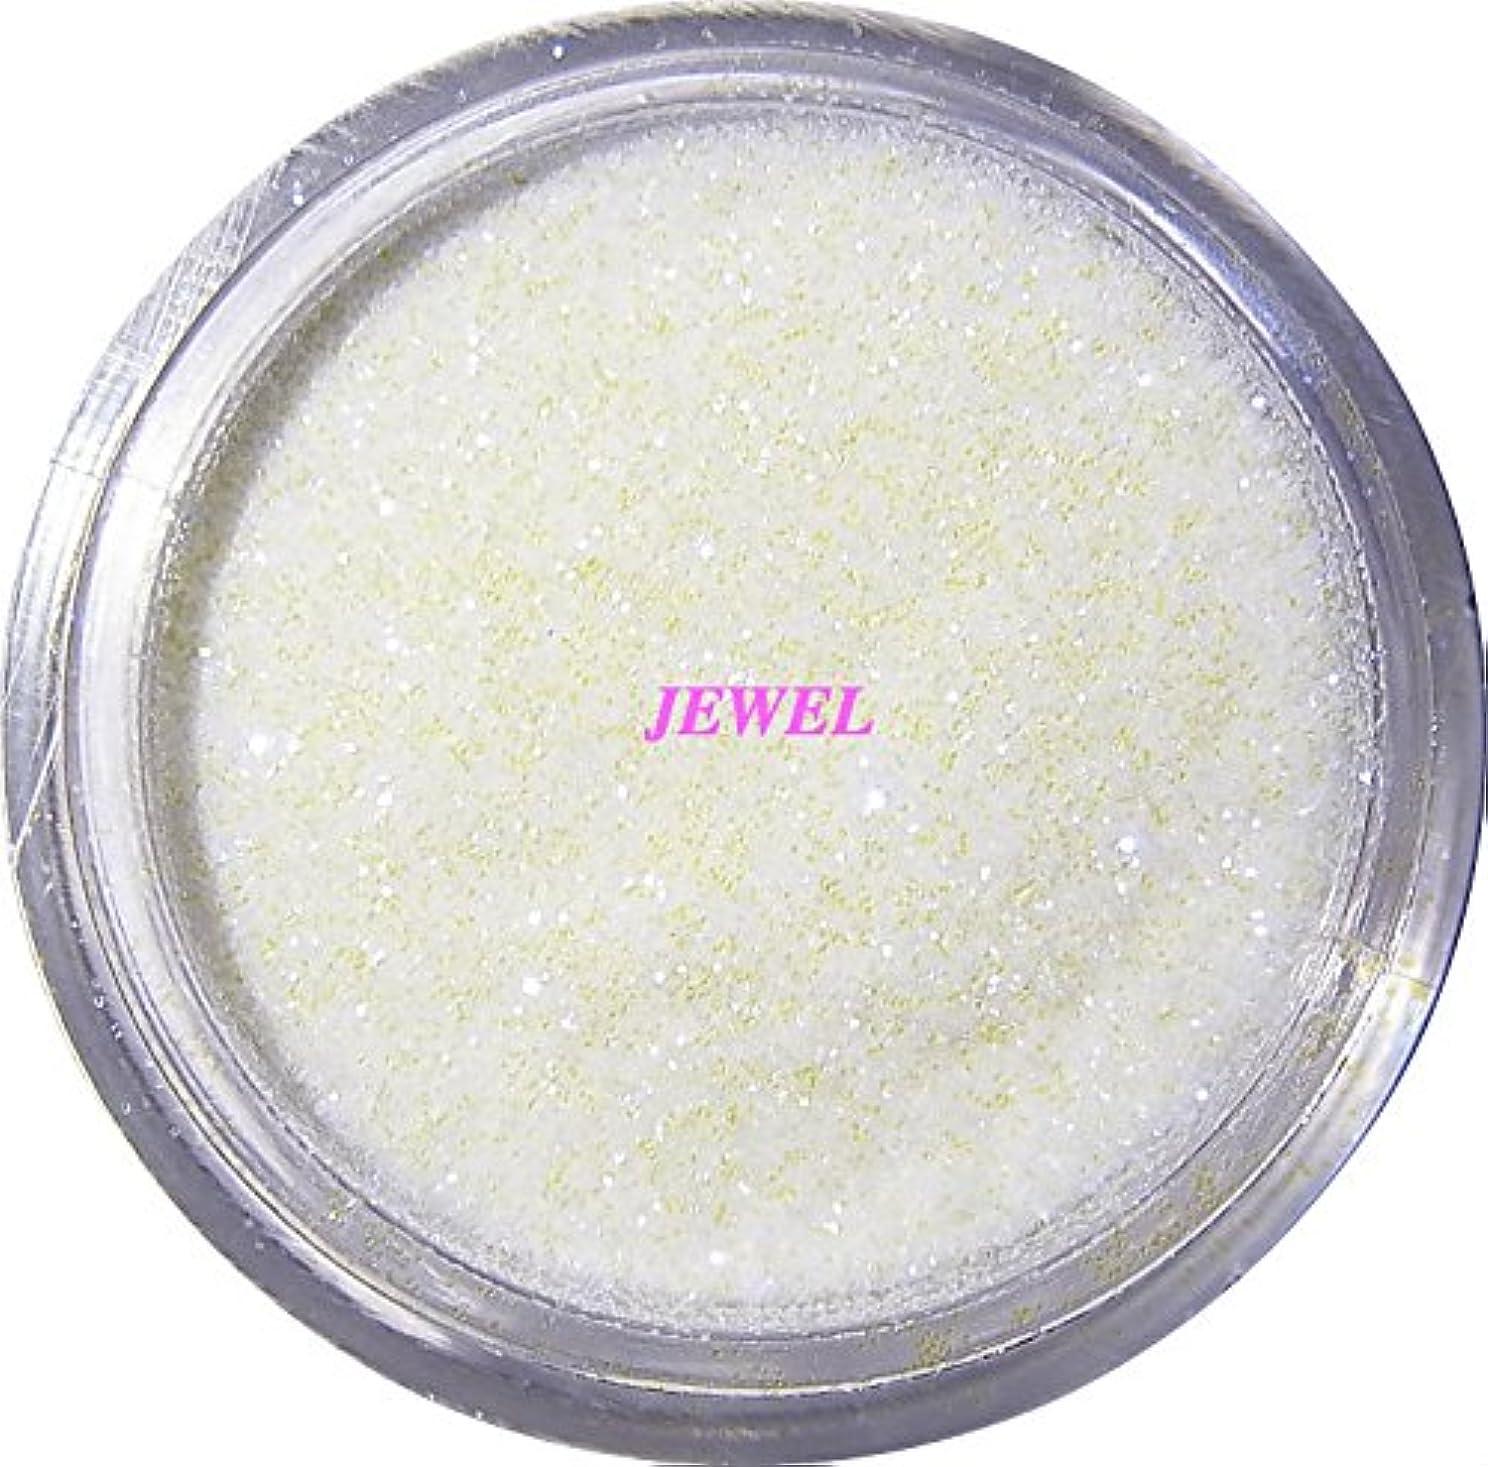 恒久的細心の化学薬品【jewel】 超微粒子ラメパウダーたっぷり2g入り 12色から選択可能 レジン&ネイル用 (パールホワイト)